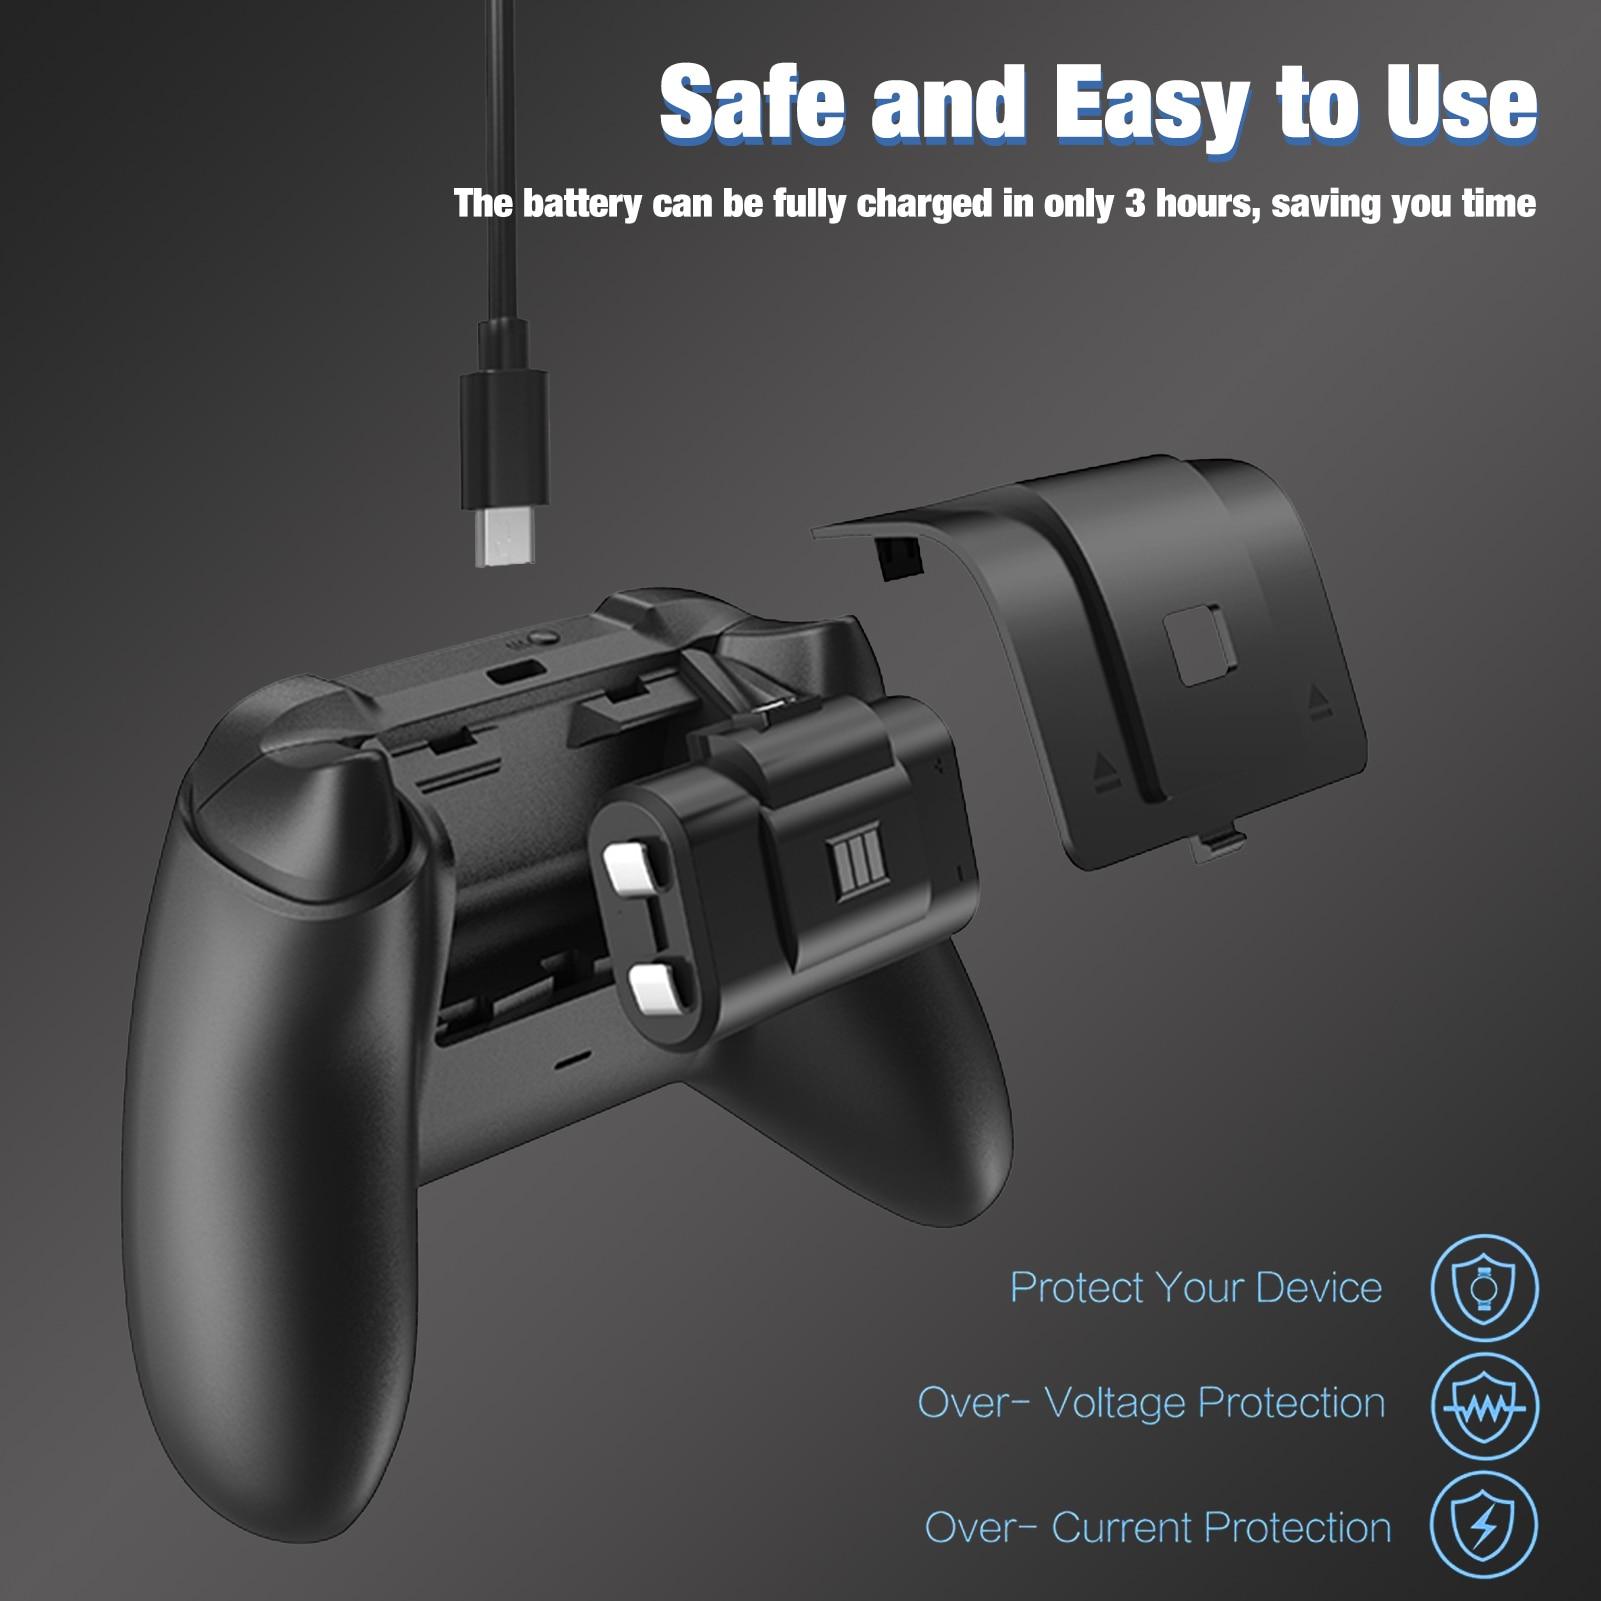 Juego asa para batería, Kit de carga para Xbox /Series X, controlador...